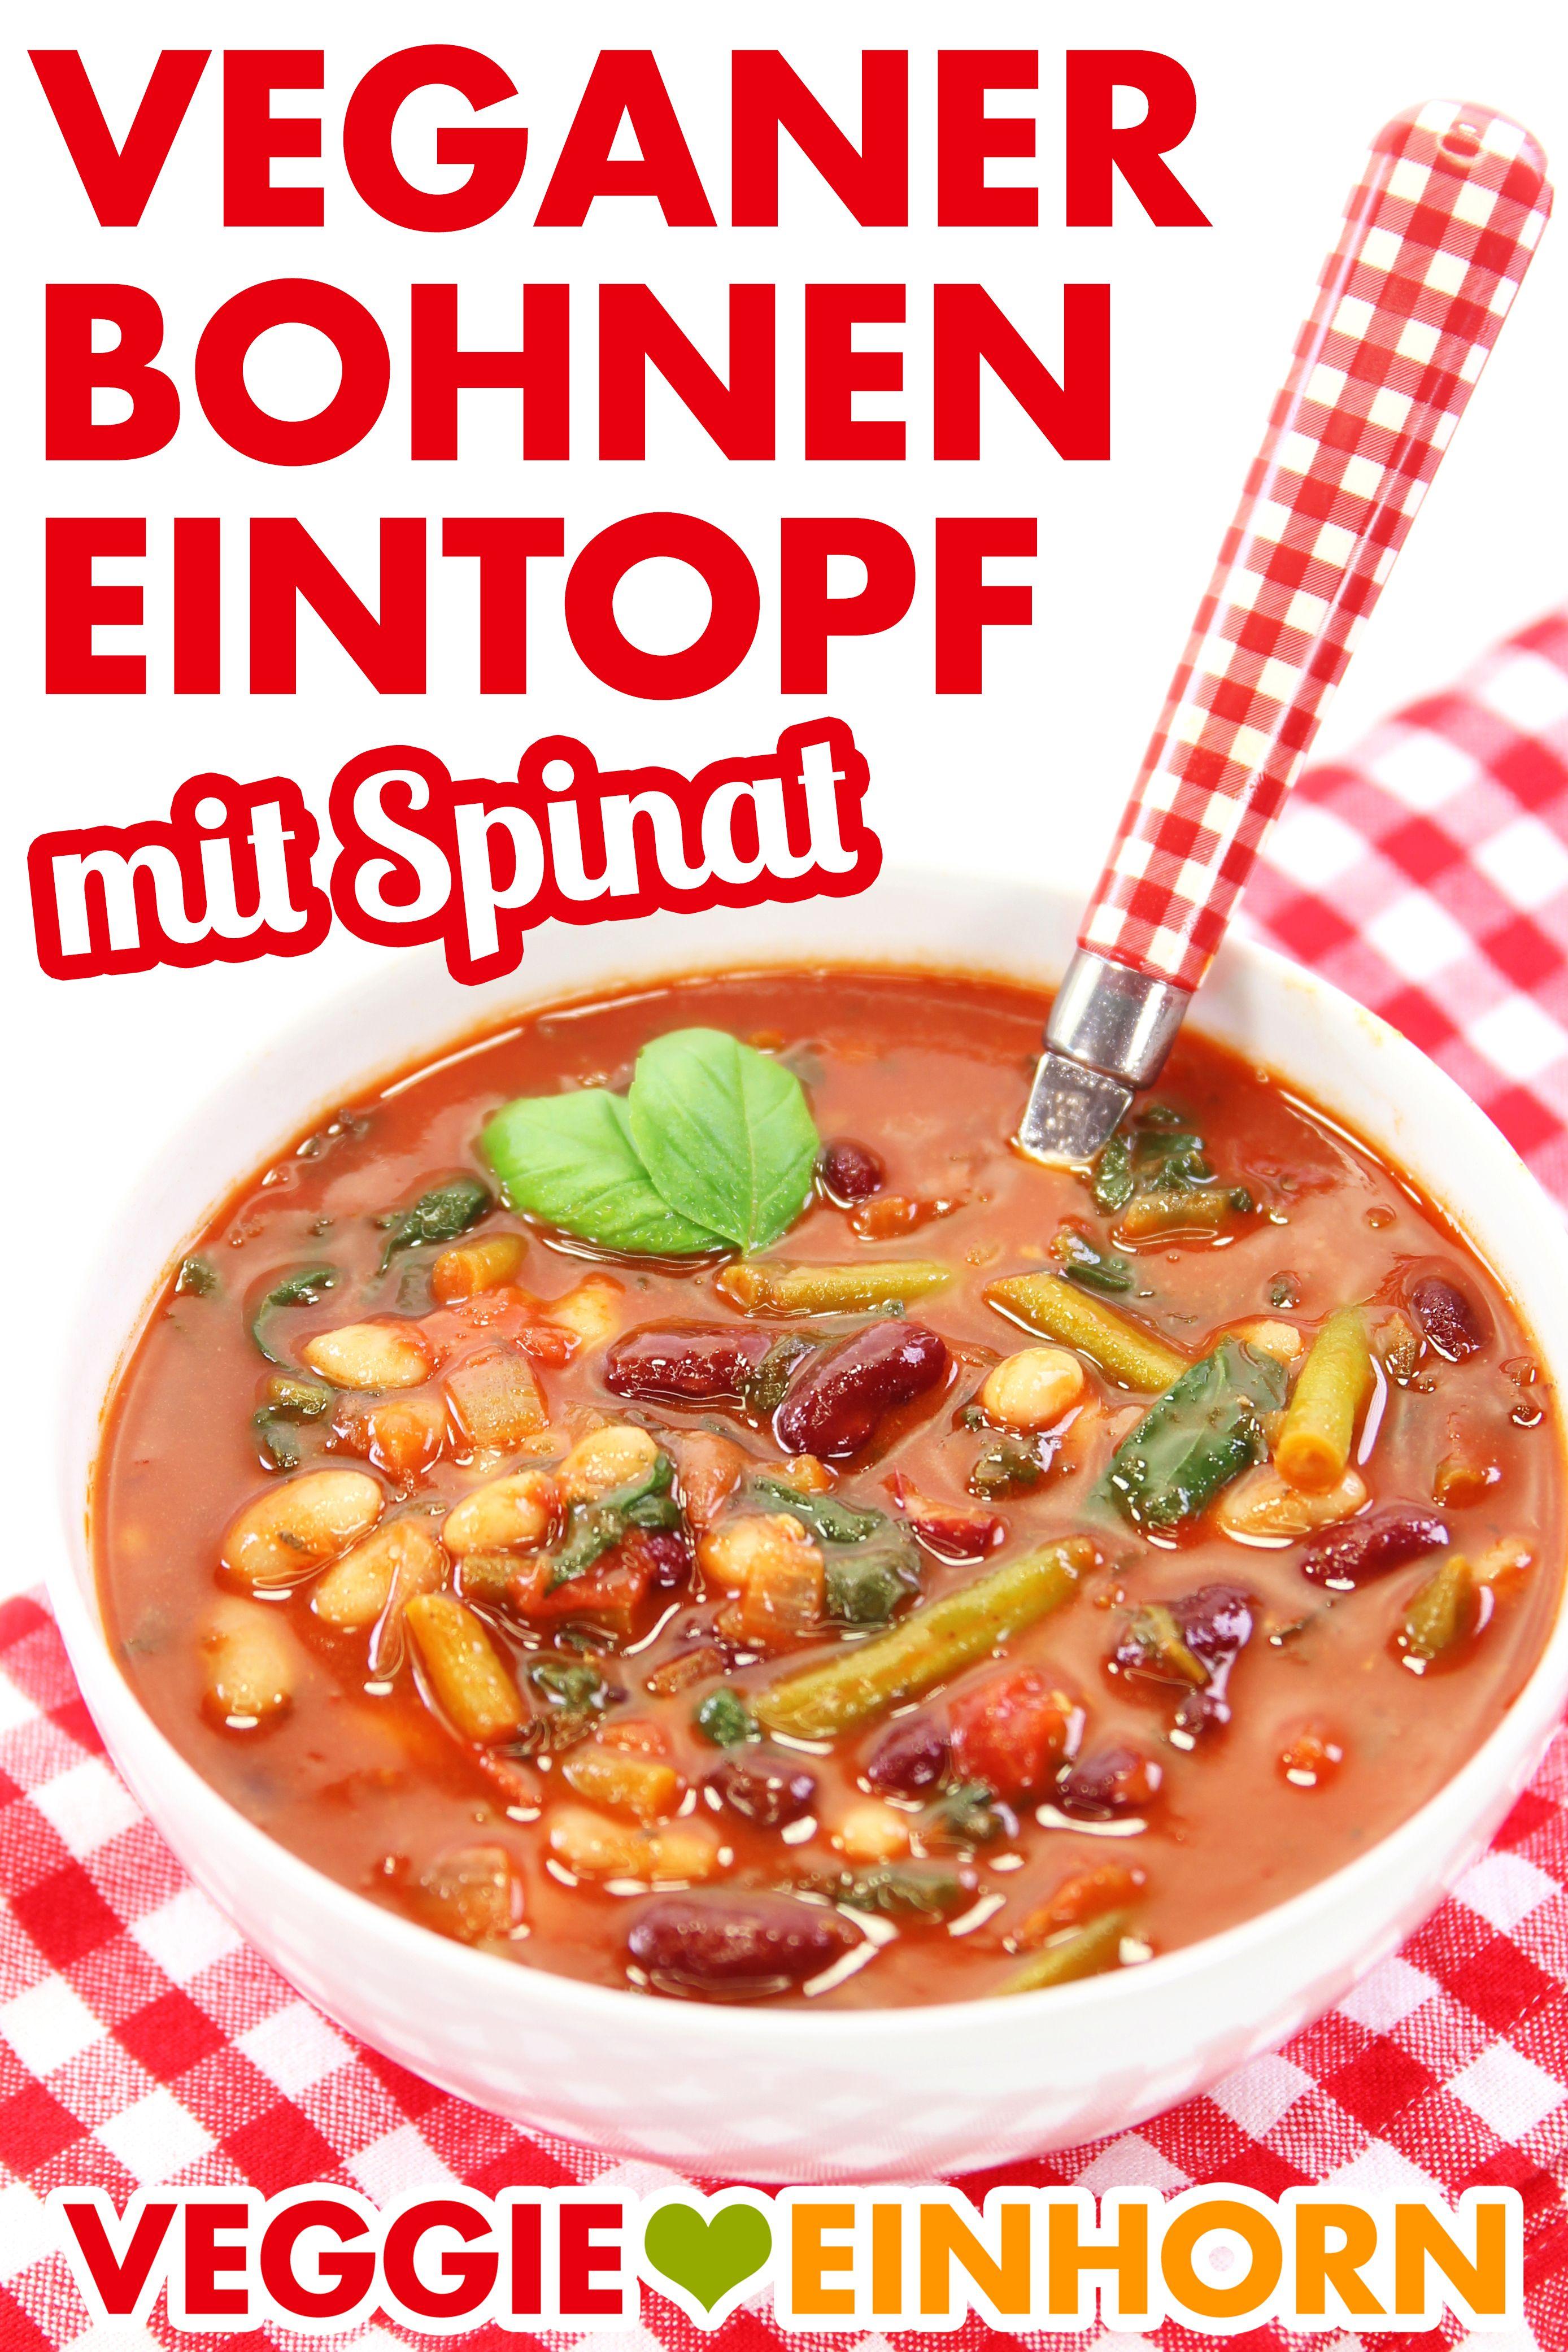 VEGANER BOHNENEINTOPF mit Spinat   Gesund und lecker